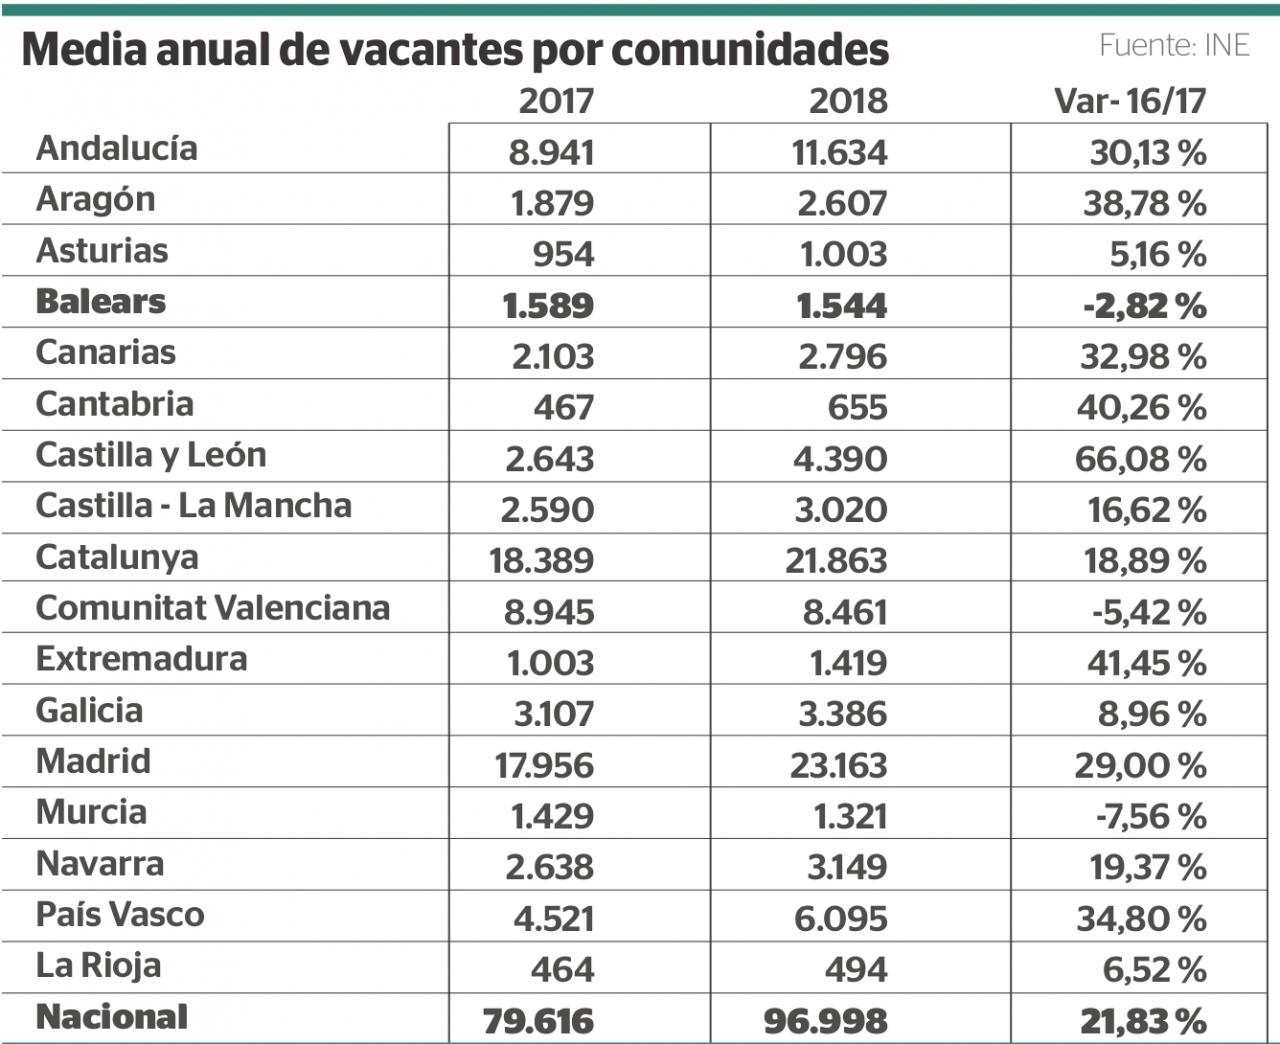 Media anual de vacantes por comunidades